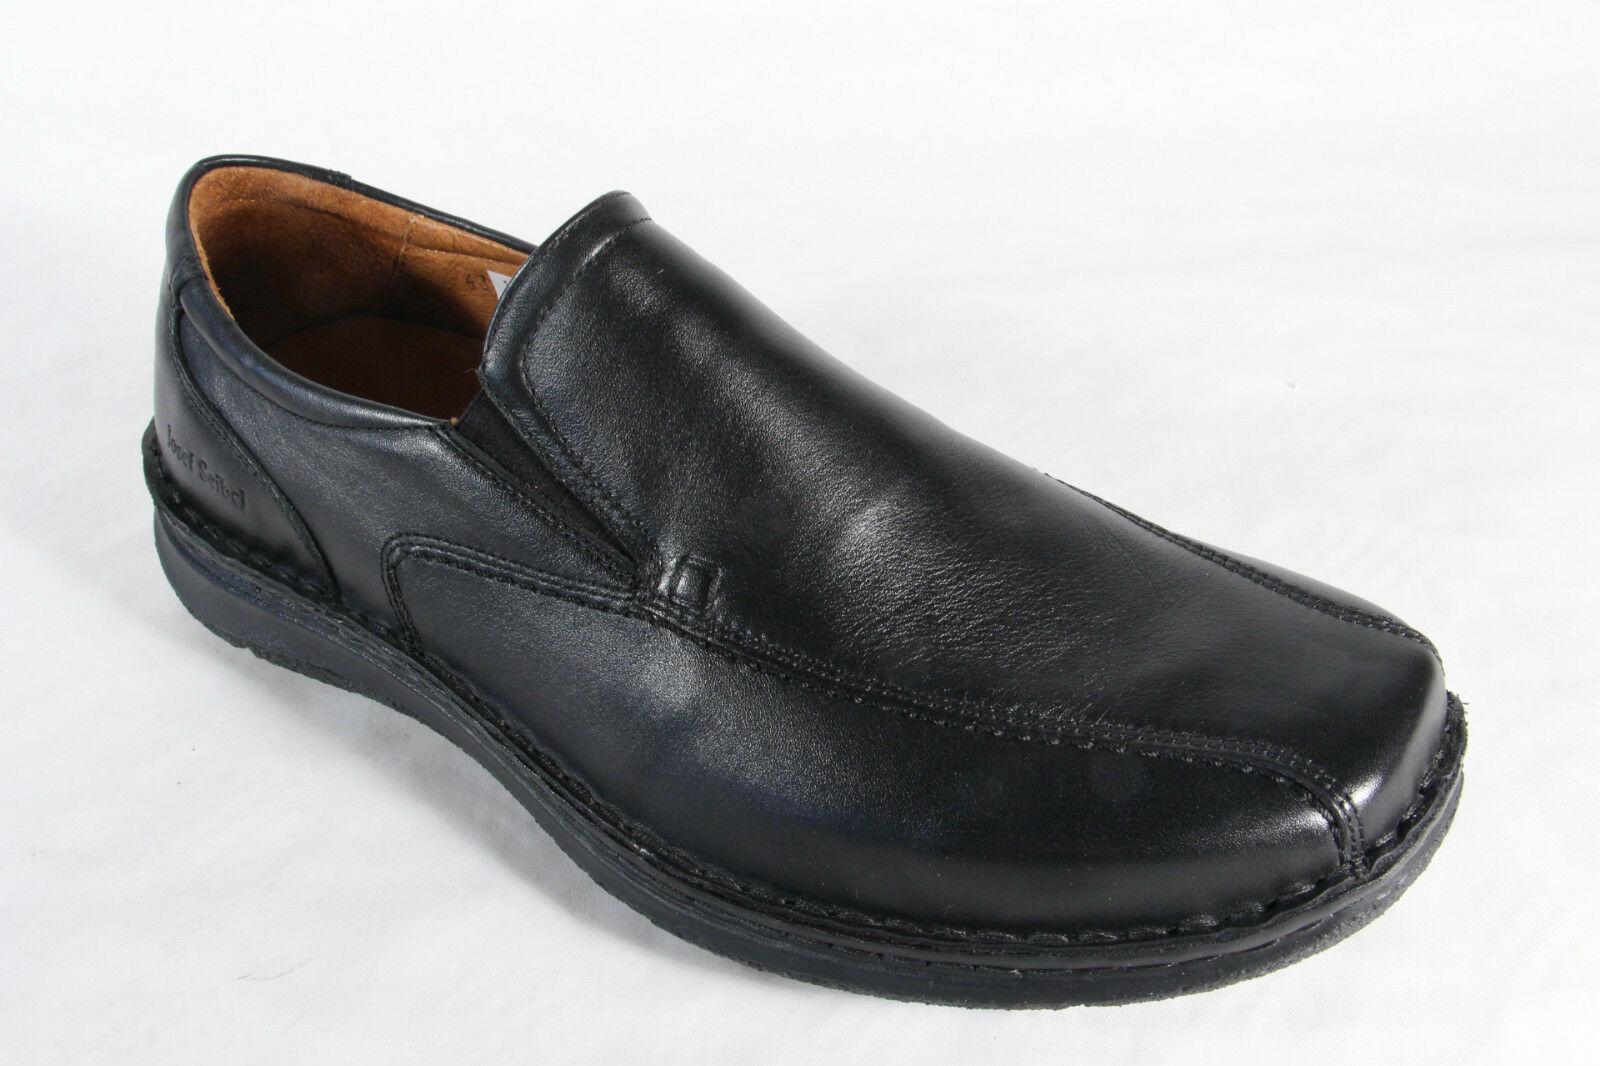 Seibel Slipper, Halbschuh, schwarz, schwarz, schwarz, Wechselfußbett NEU dd7f5c